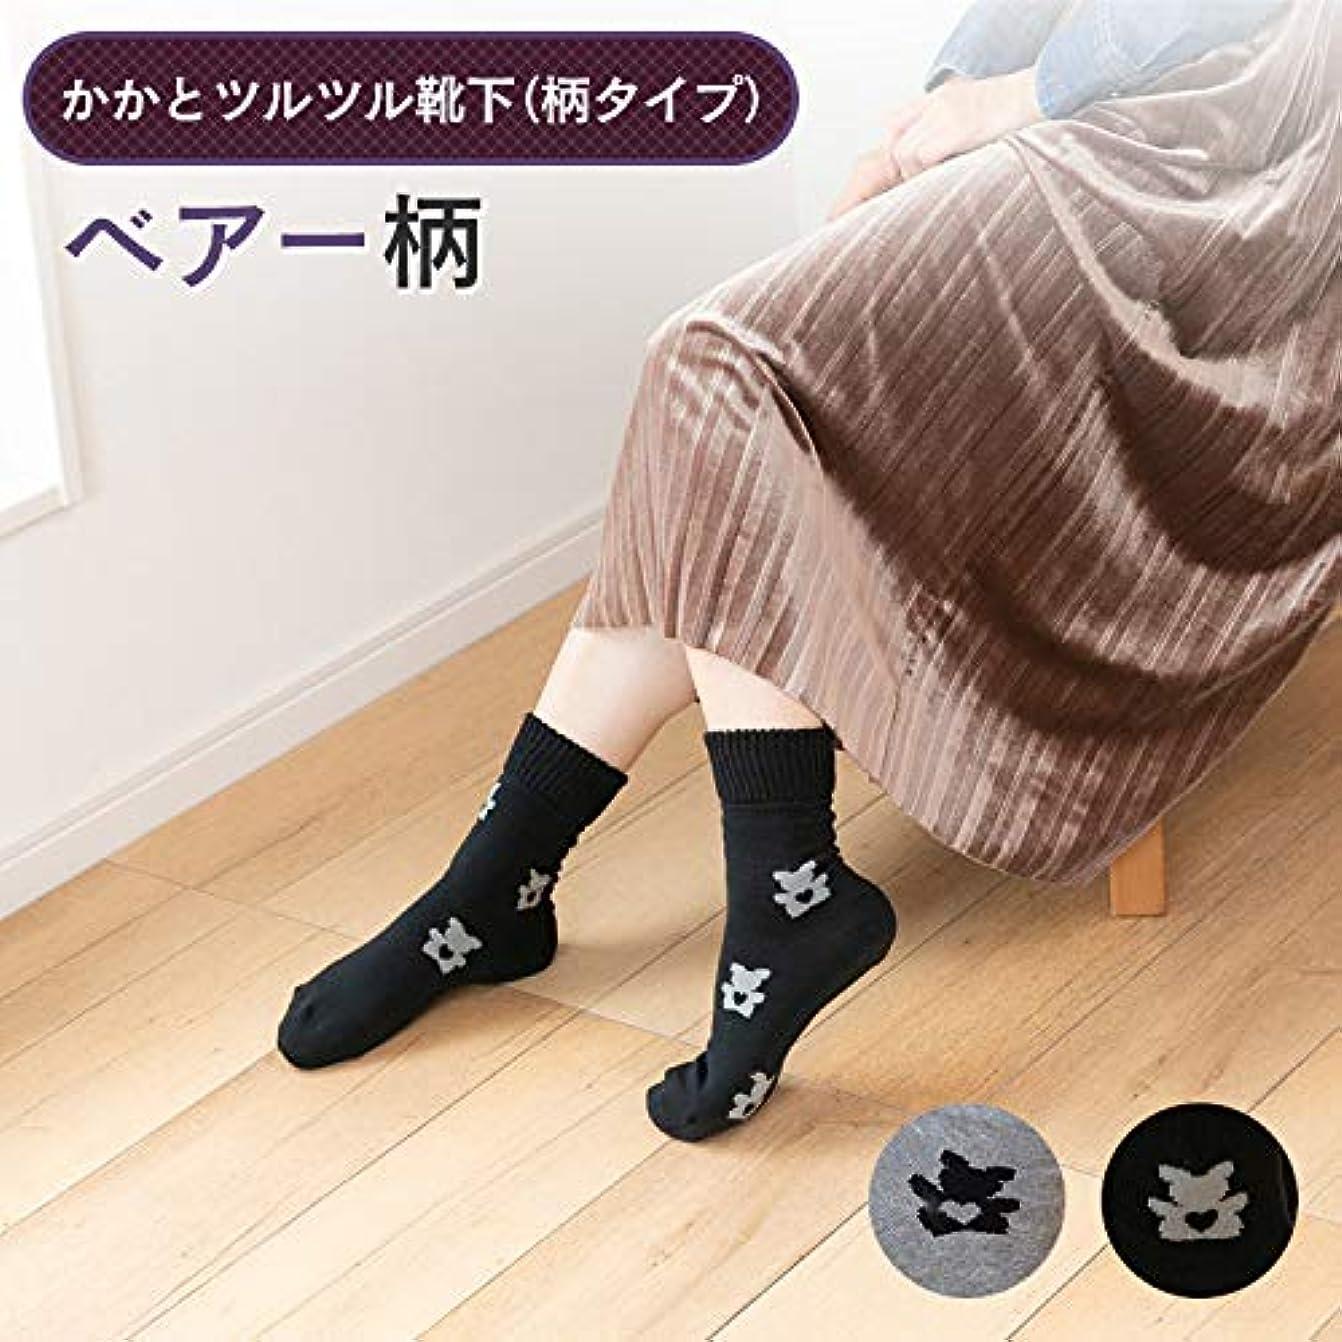 広告主無し腰ネット限定 かかと 角質ケア ひび割れ対策 かかとツルツル靴下 くま 23-25cm 太陽ニット ty1 (ブラック)